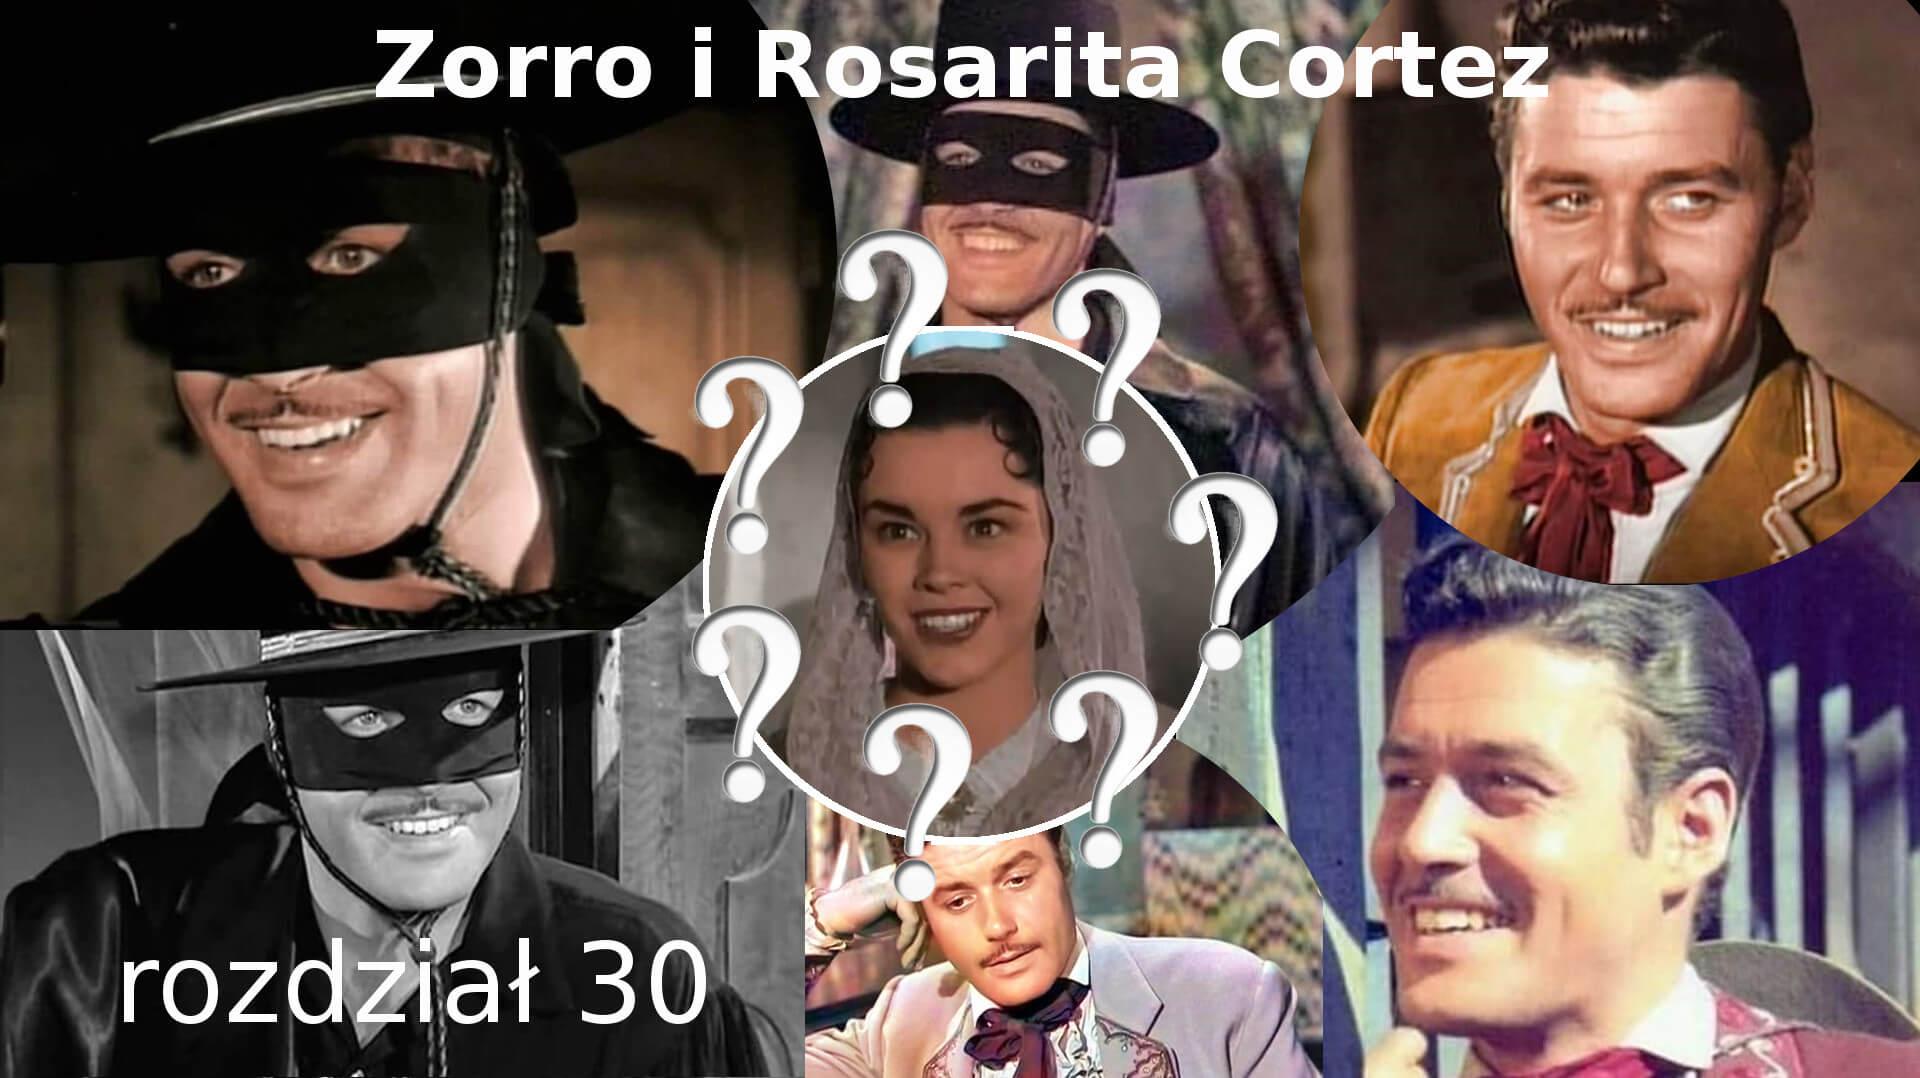 """Kolejny rozdział """"Zorro i Rosarita Cortez"""""""